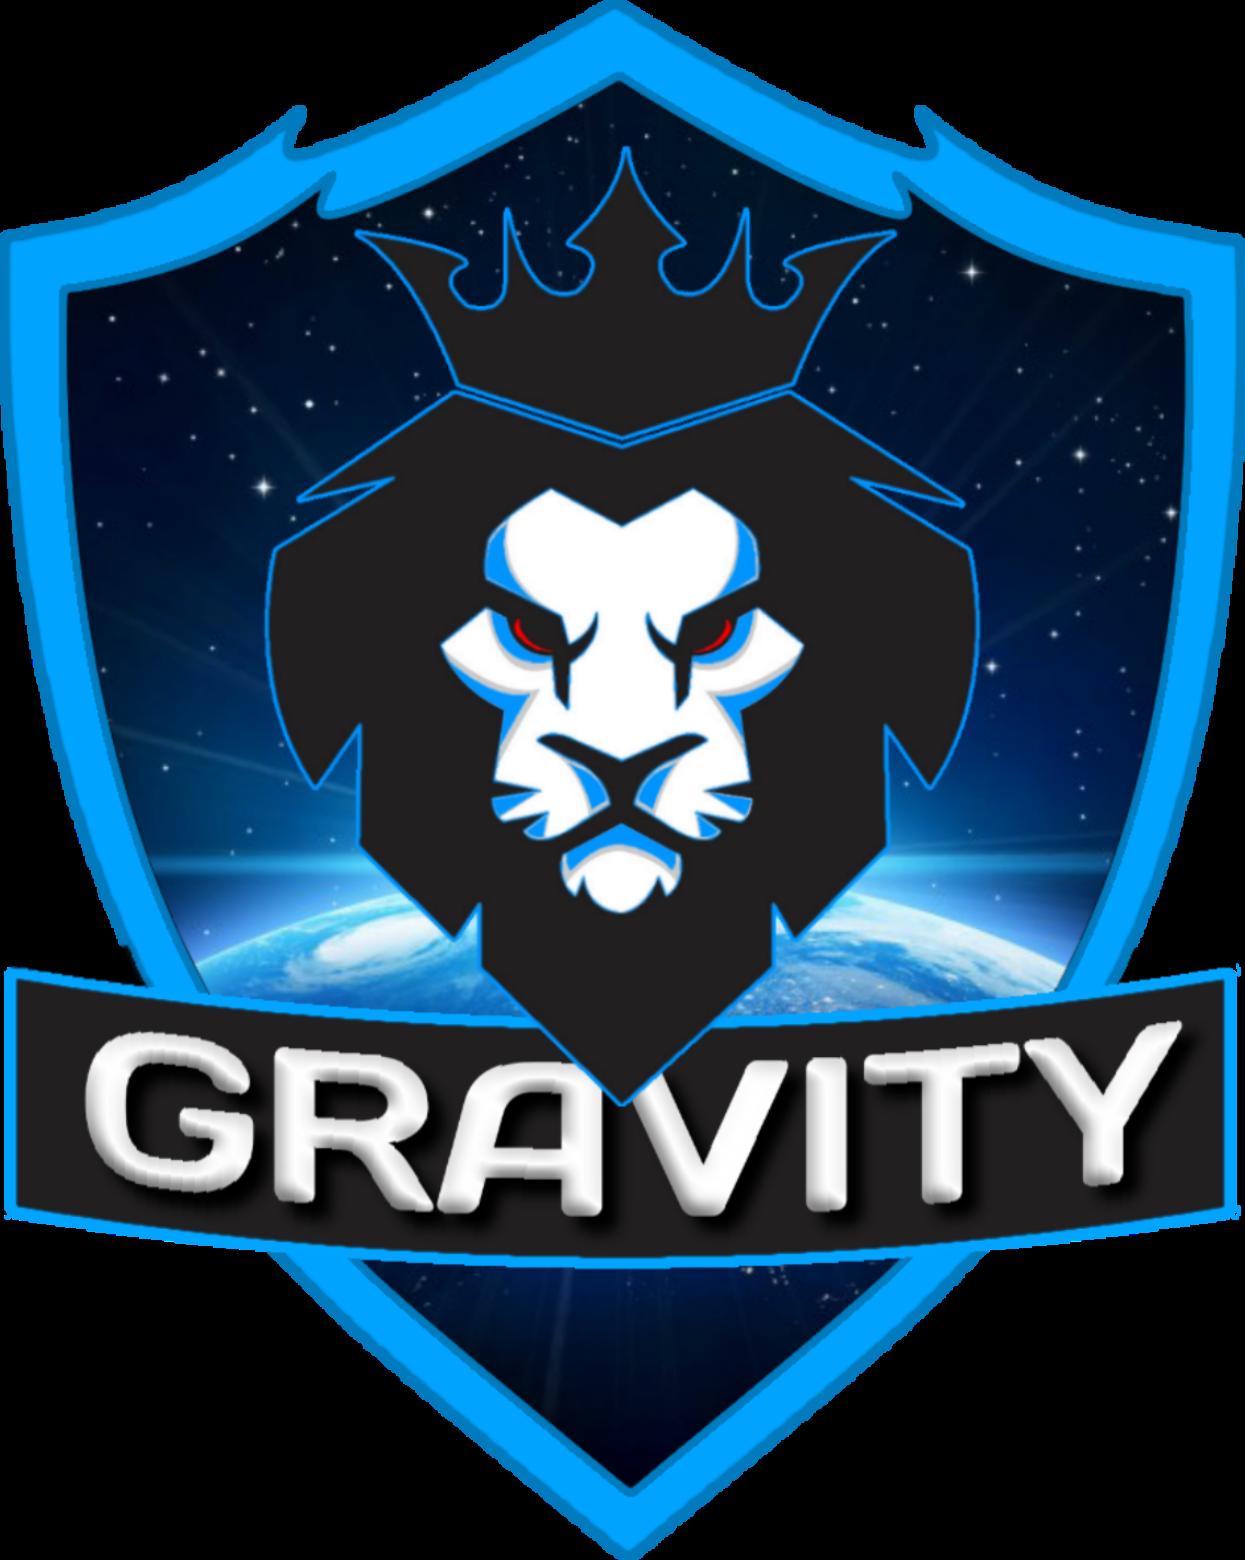 Gravity e-sport